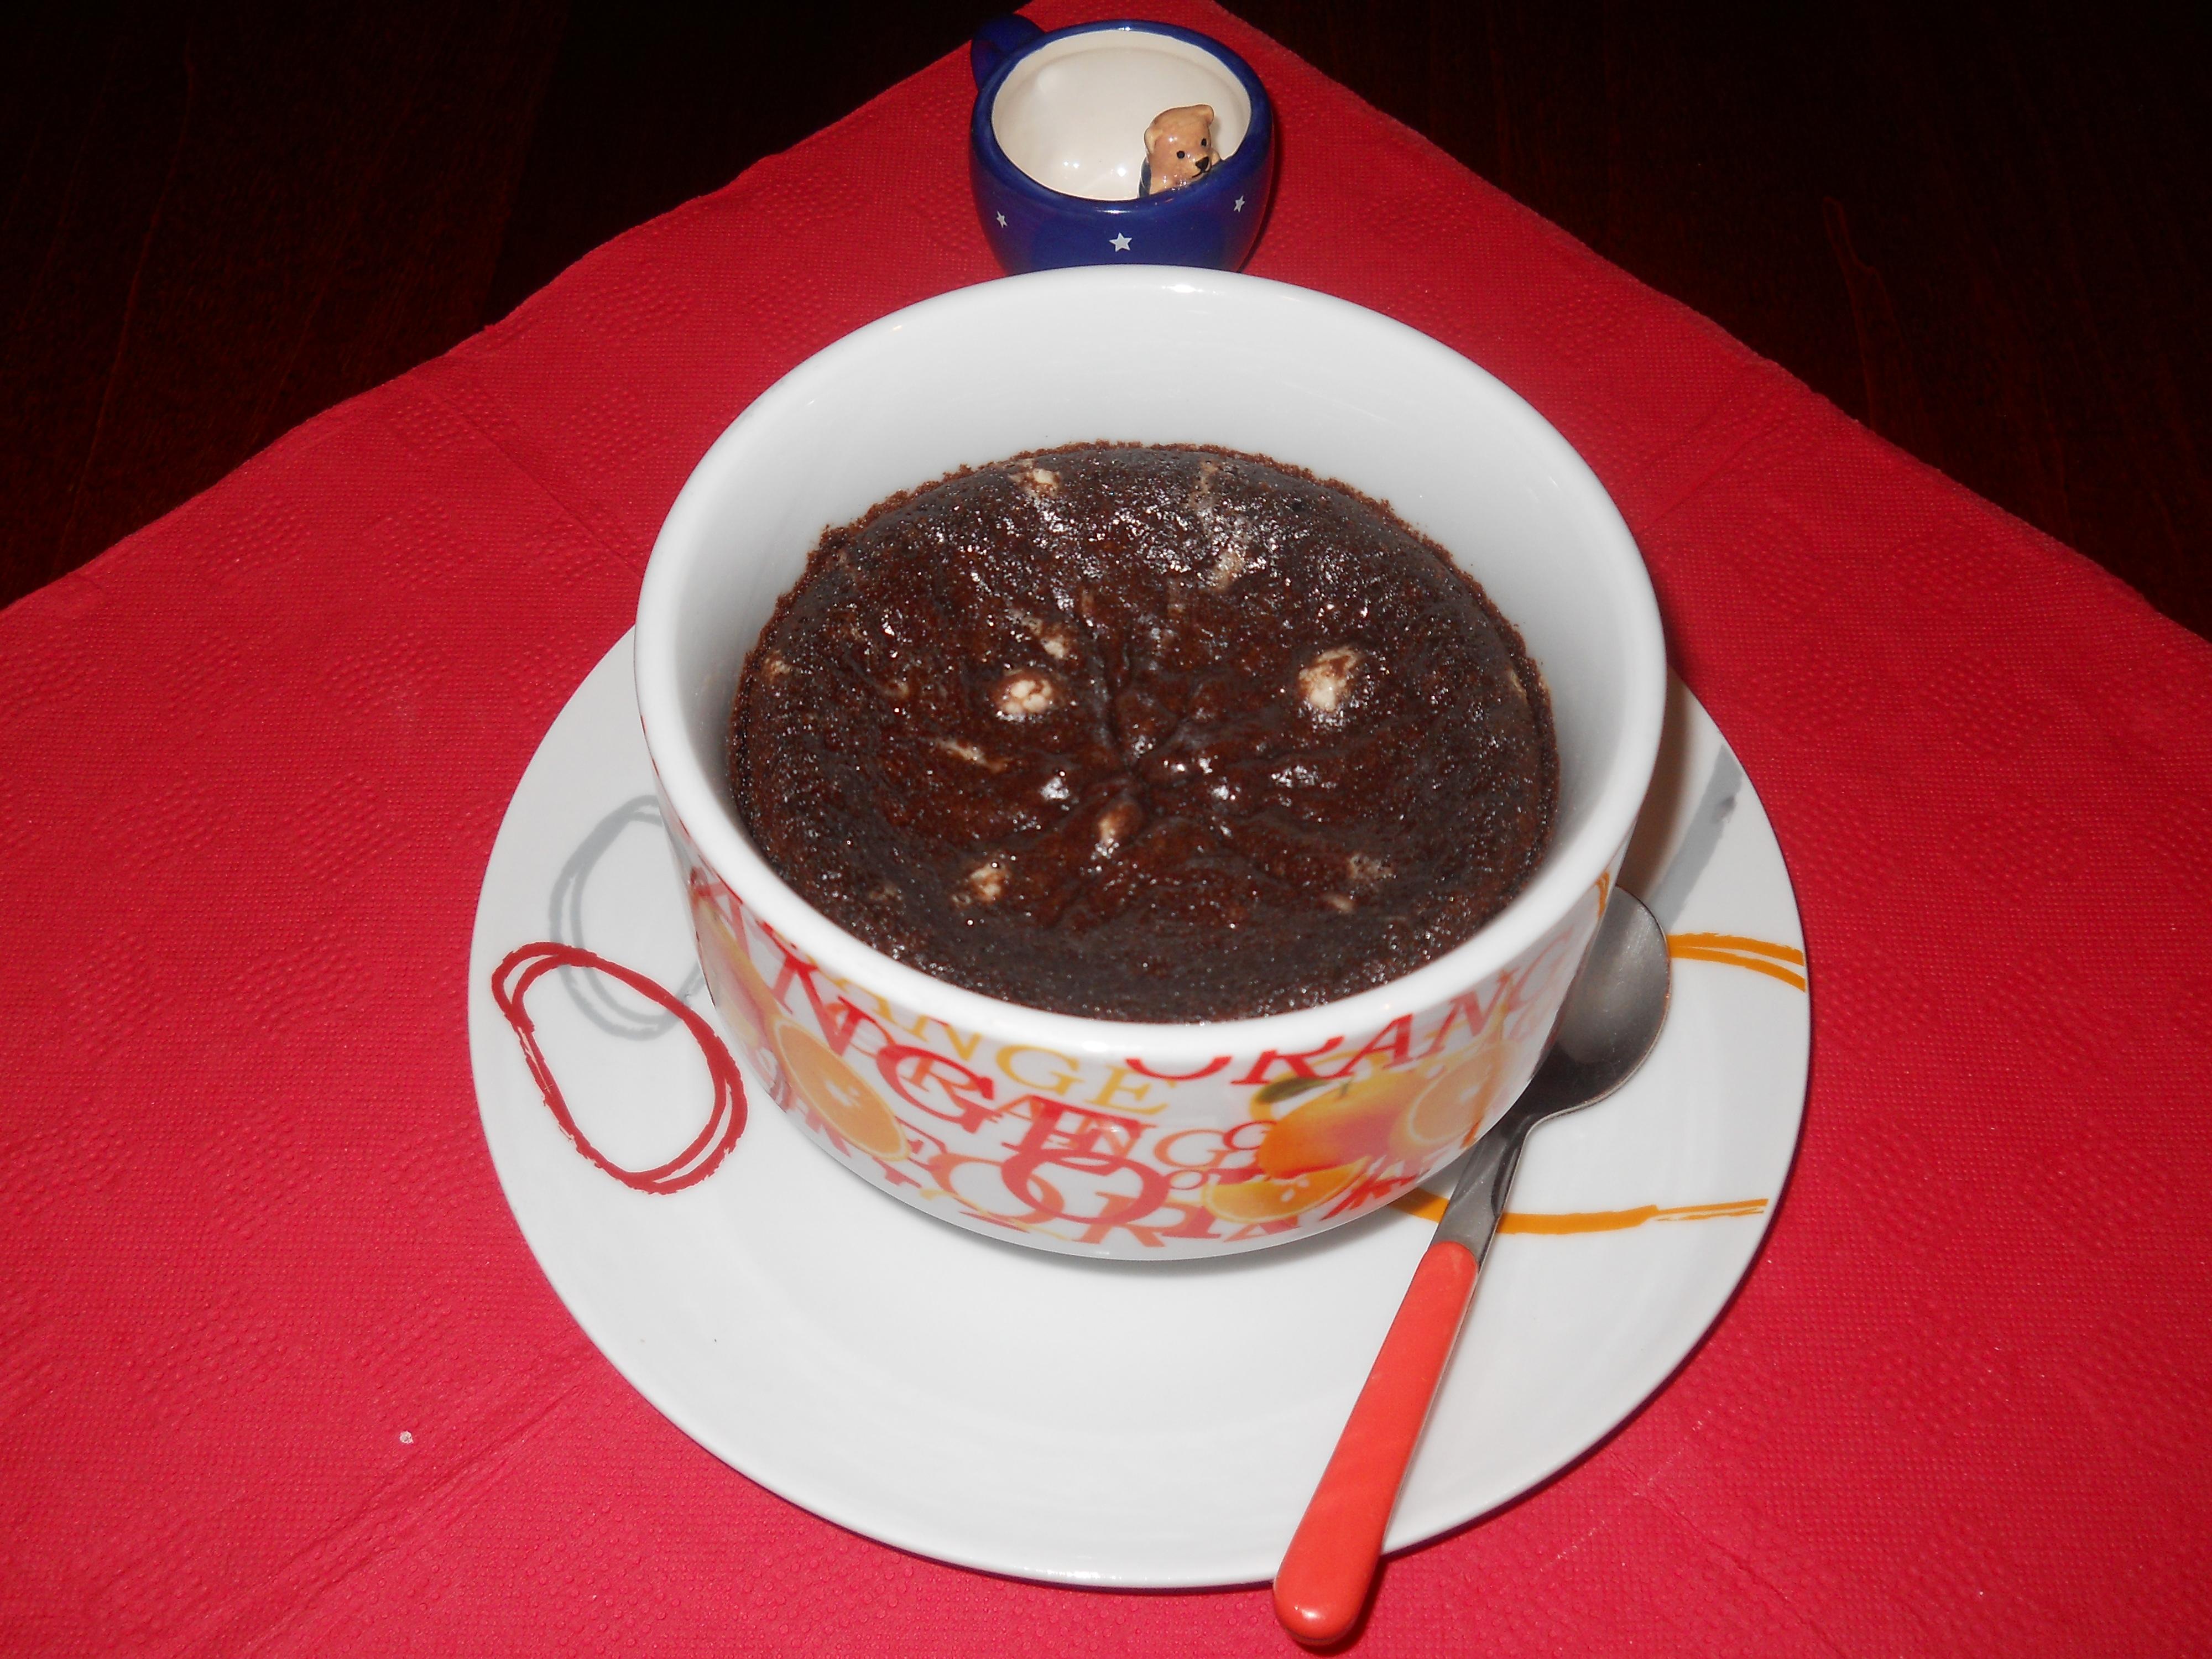 la mia mug cake con il cuore di cioccolato bianco